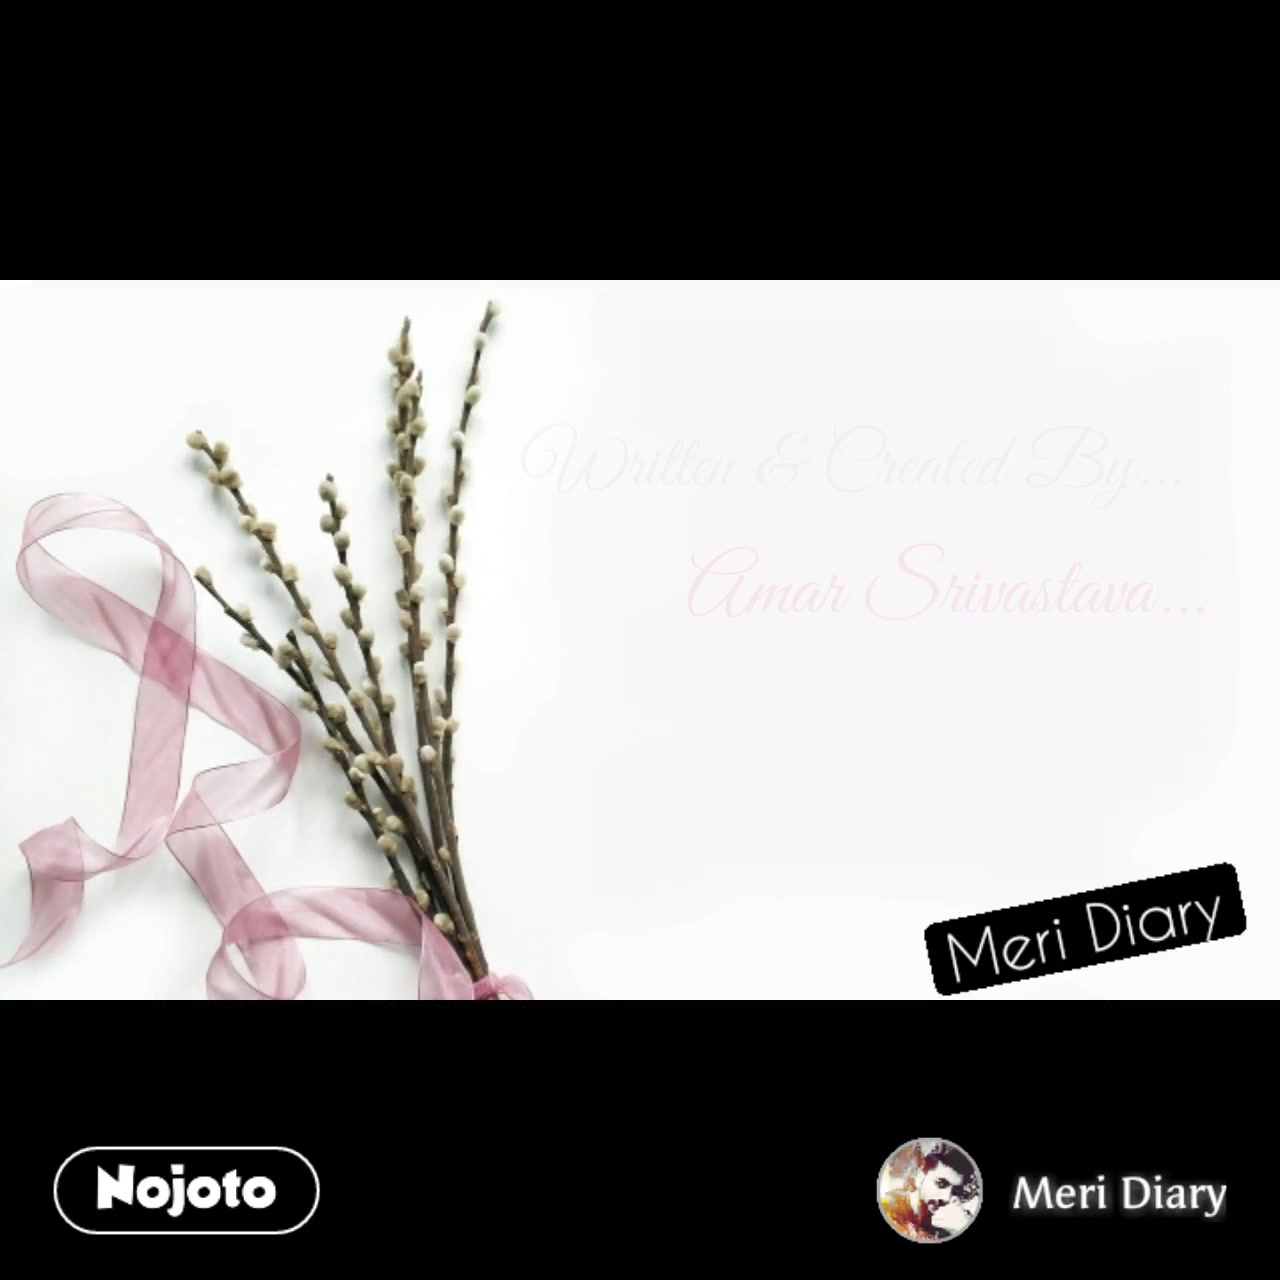 nullMeri Diary #NojotoVideo